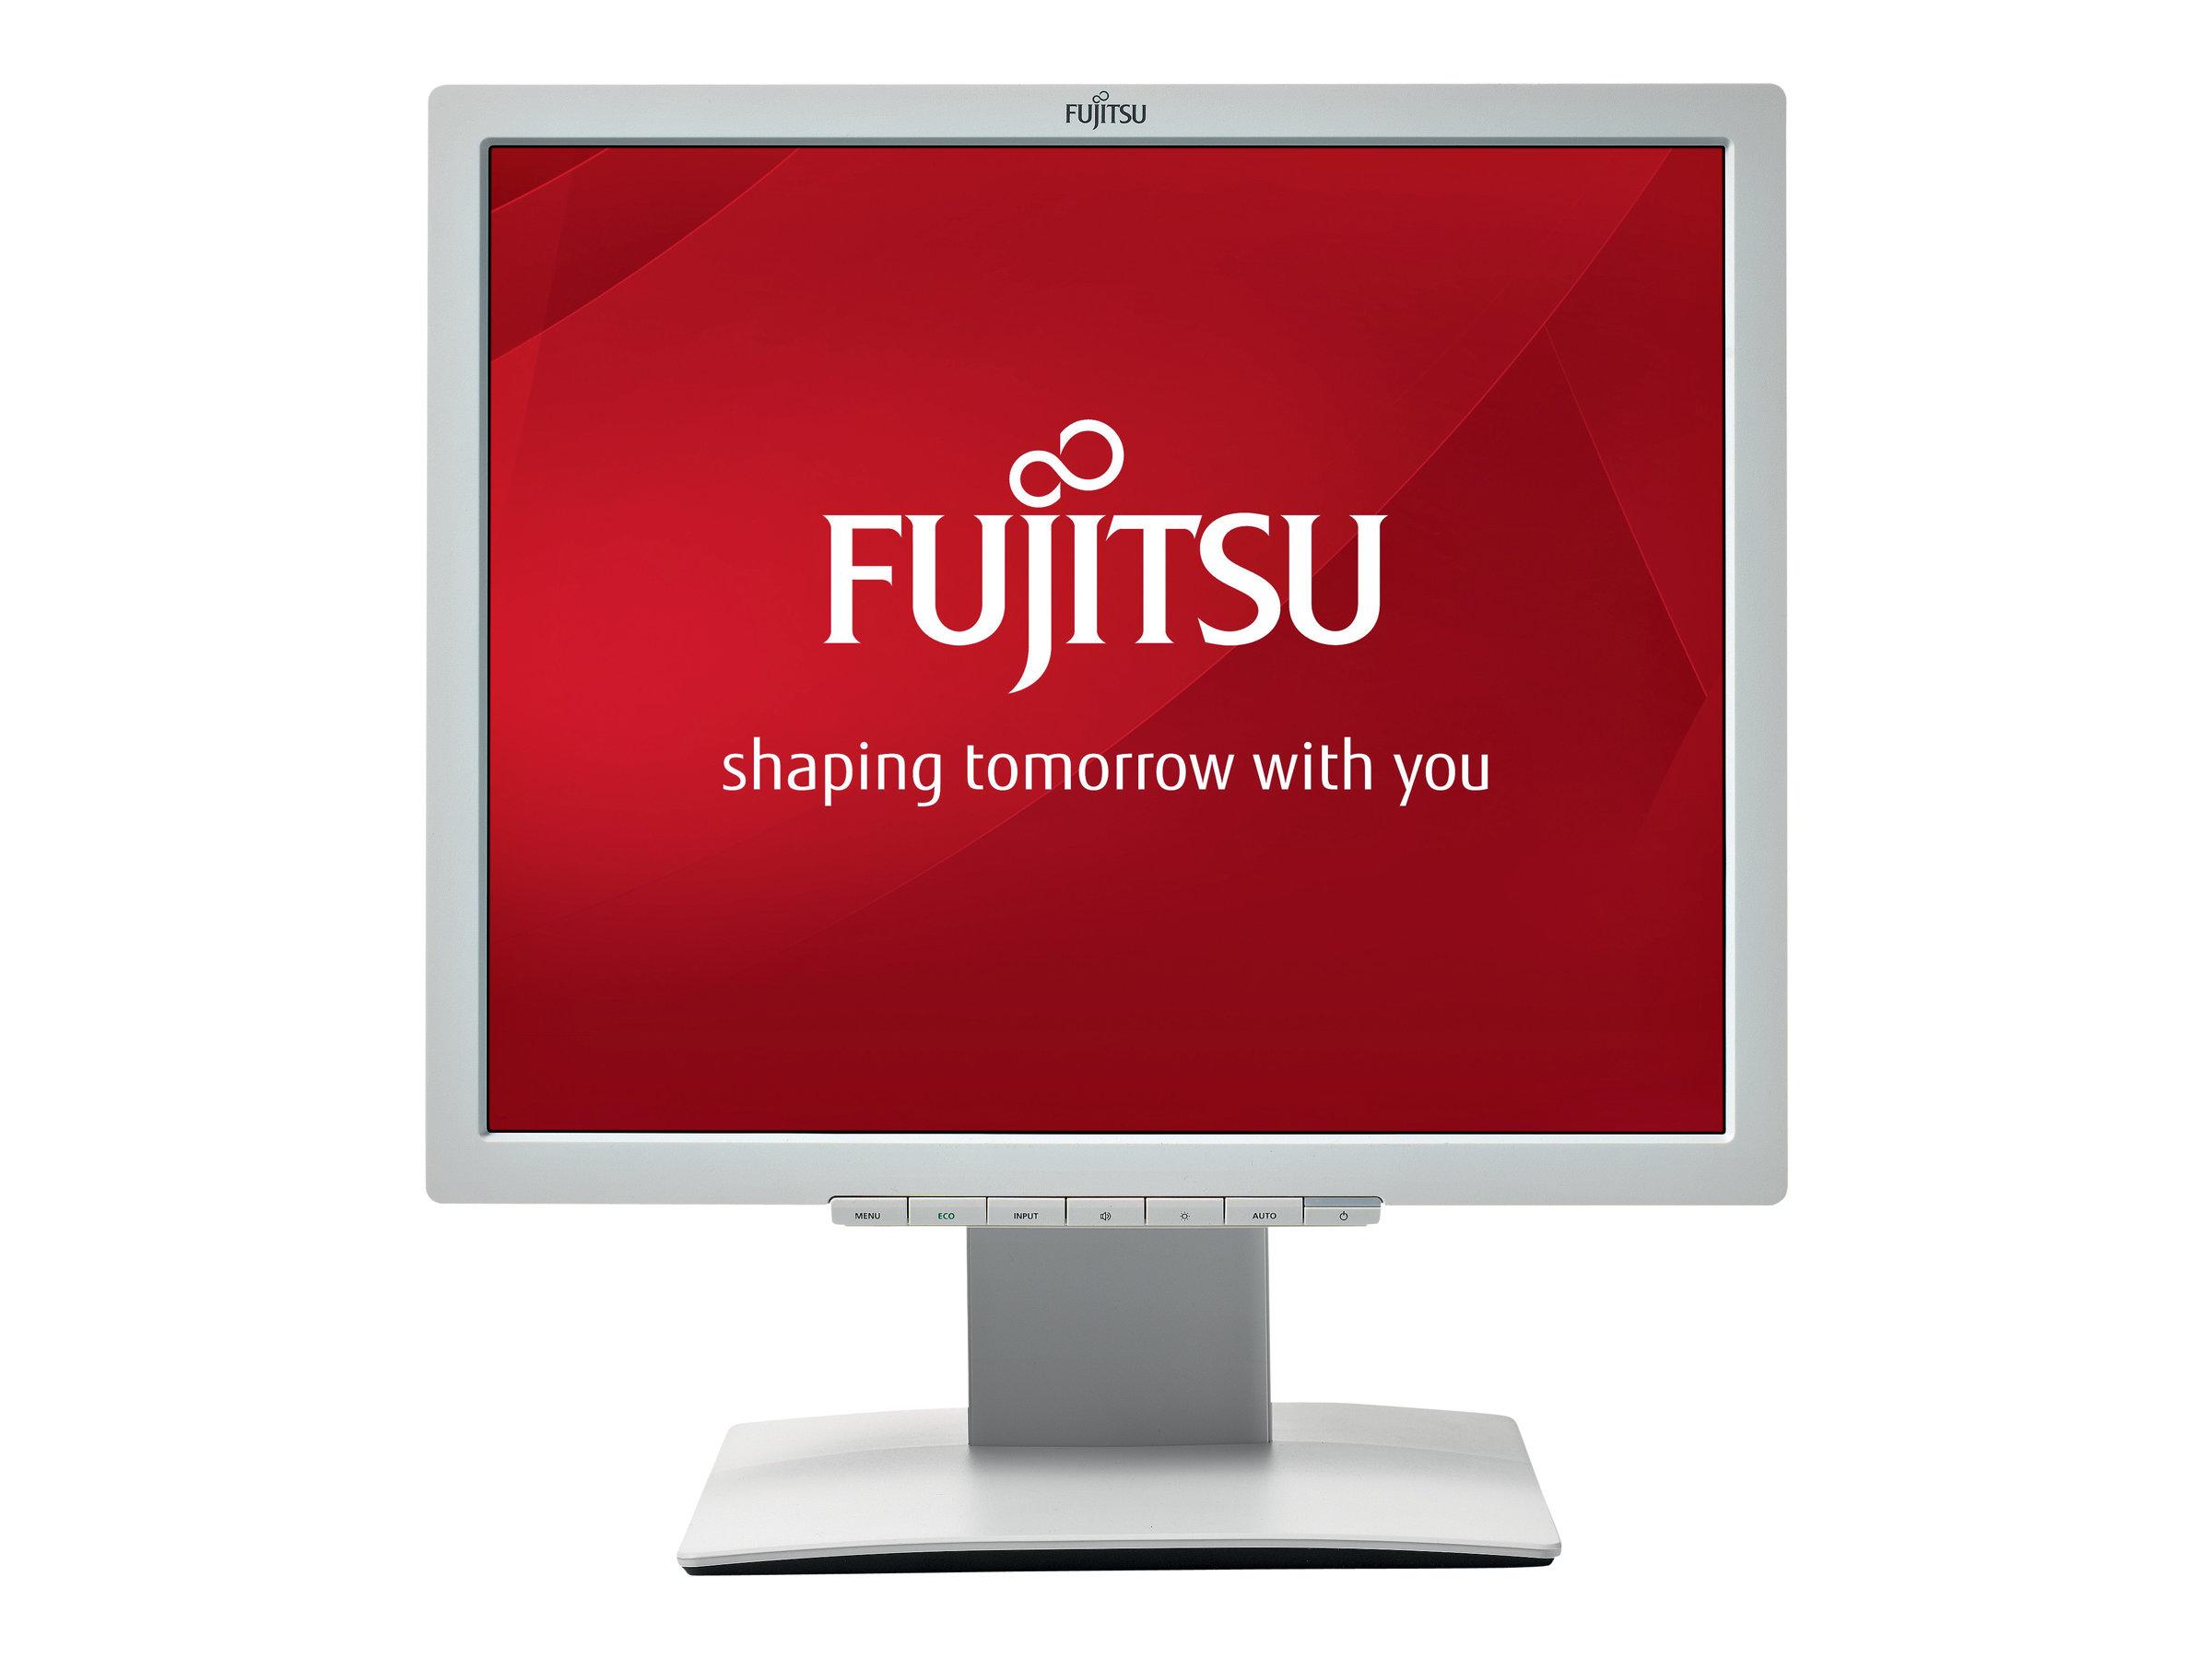 Fujitsu B19-7 LED - LED-Monitor - 48.3 cm (19